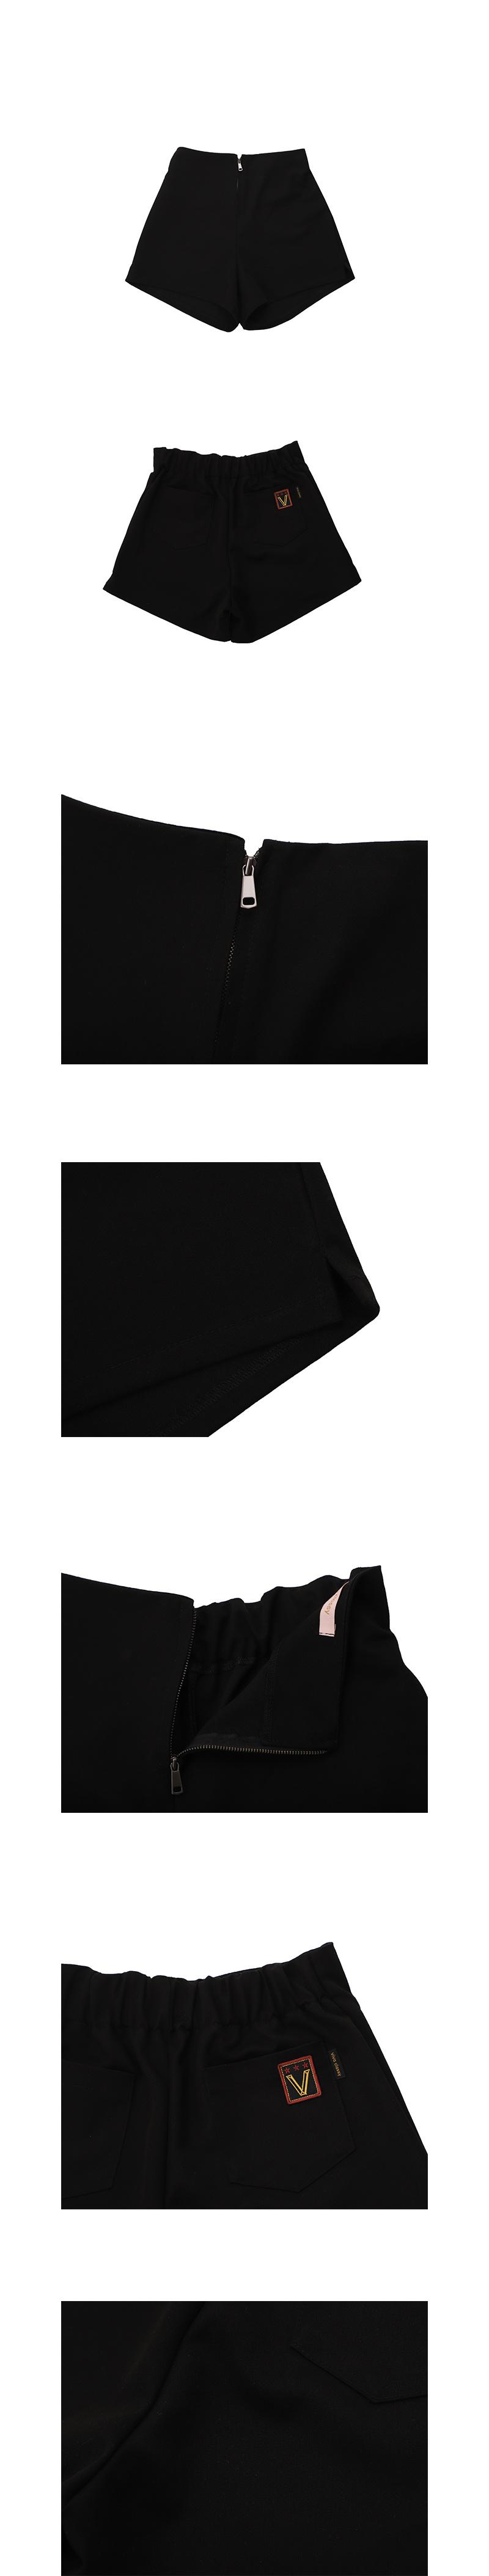 비바클래시(VIVACLASSY) 슬림 허리밴딩 셋업 숏팬츠_블랙